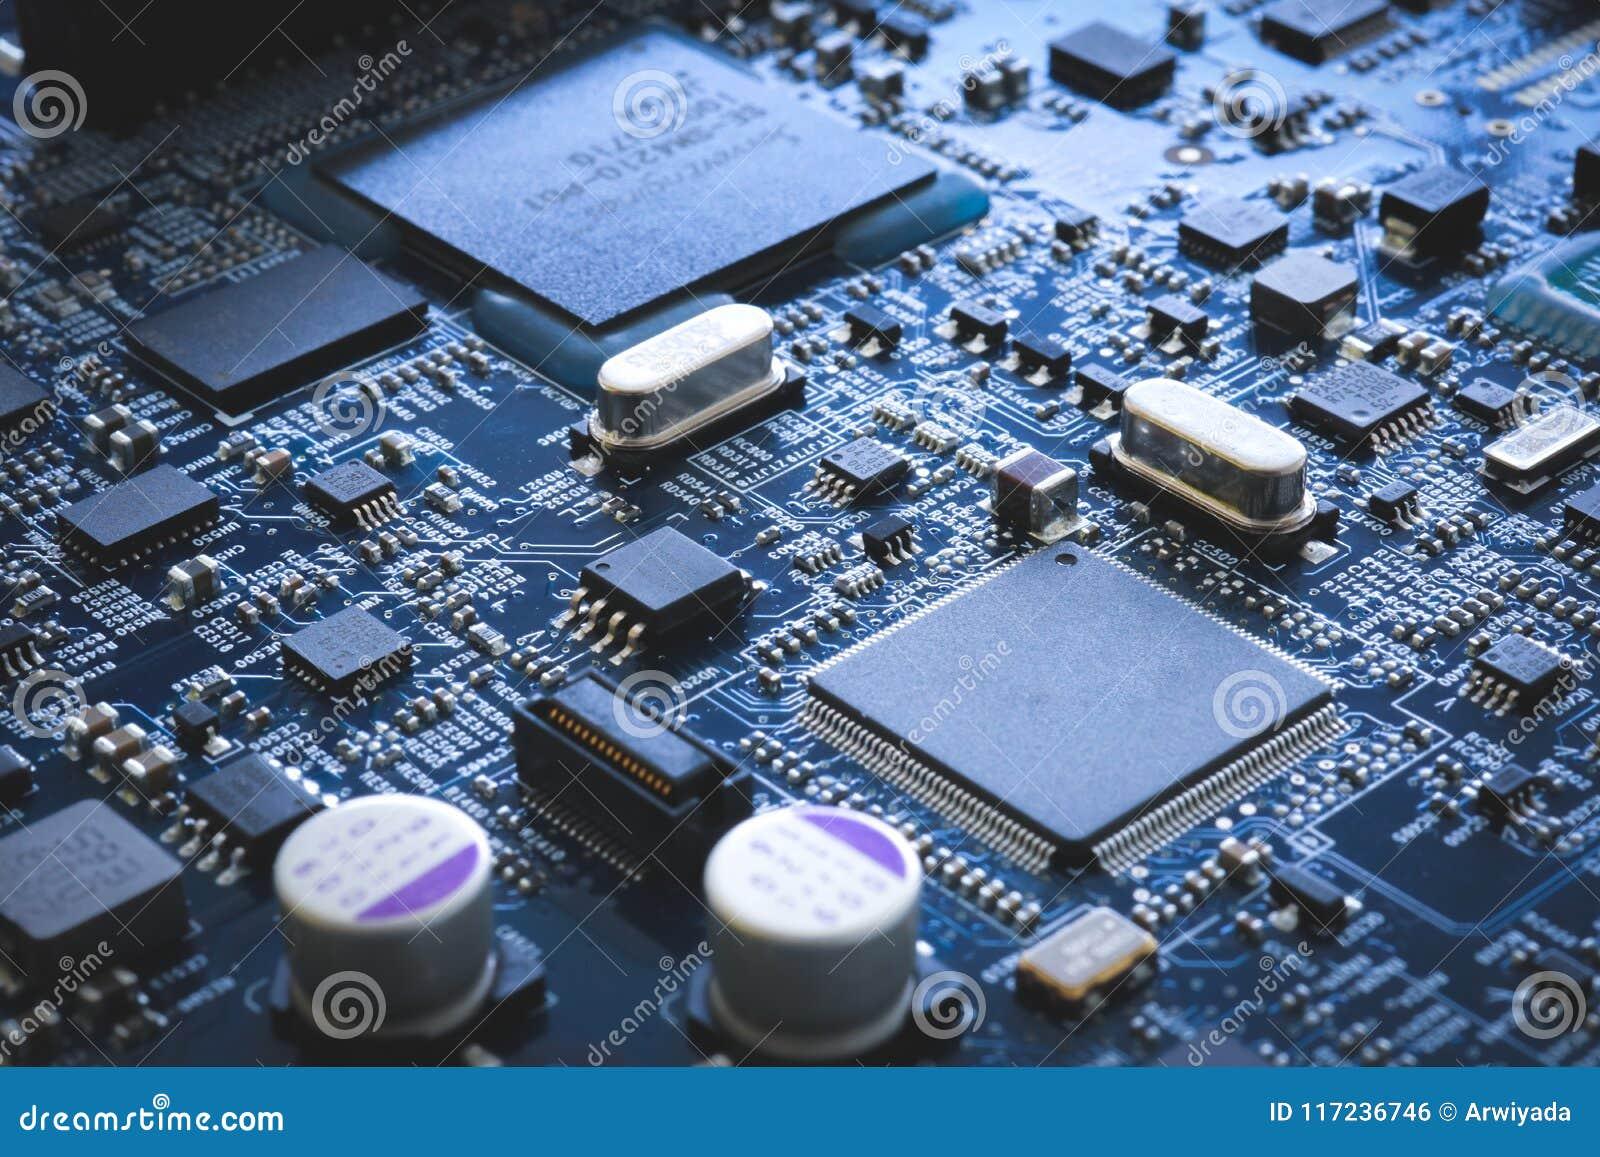 Semiconductor de la placa de circuito y hardware electrónicos de la placa madre